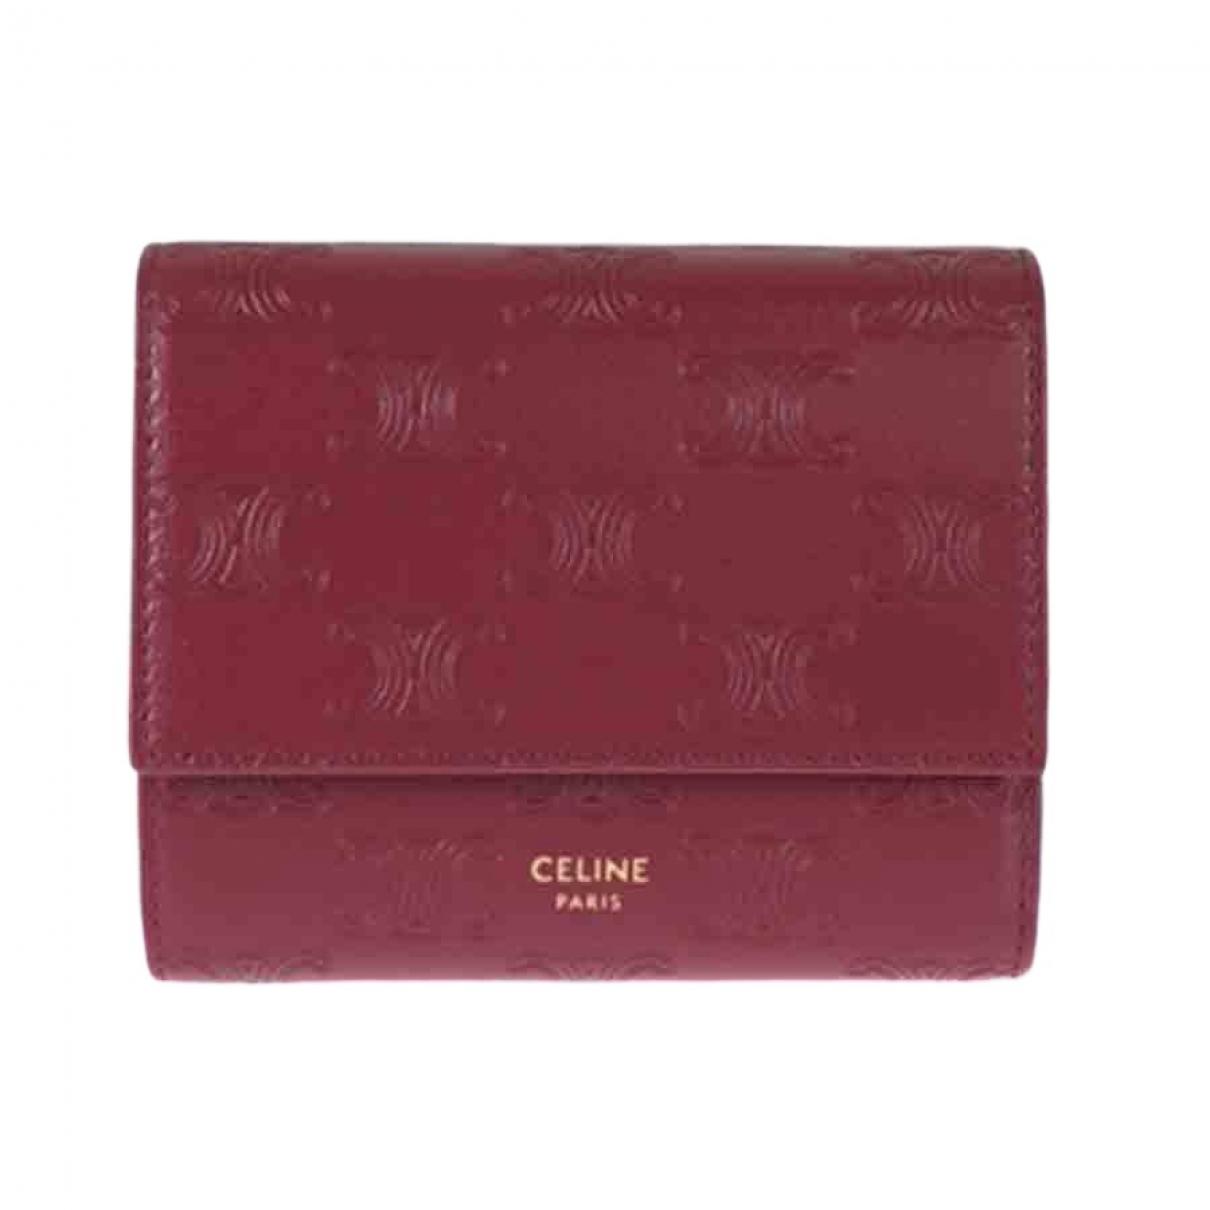 Celine \N Portemonnaie in  Rot Leder